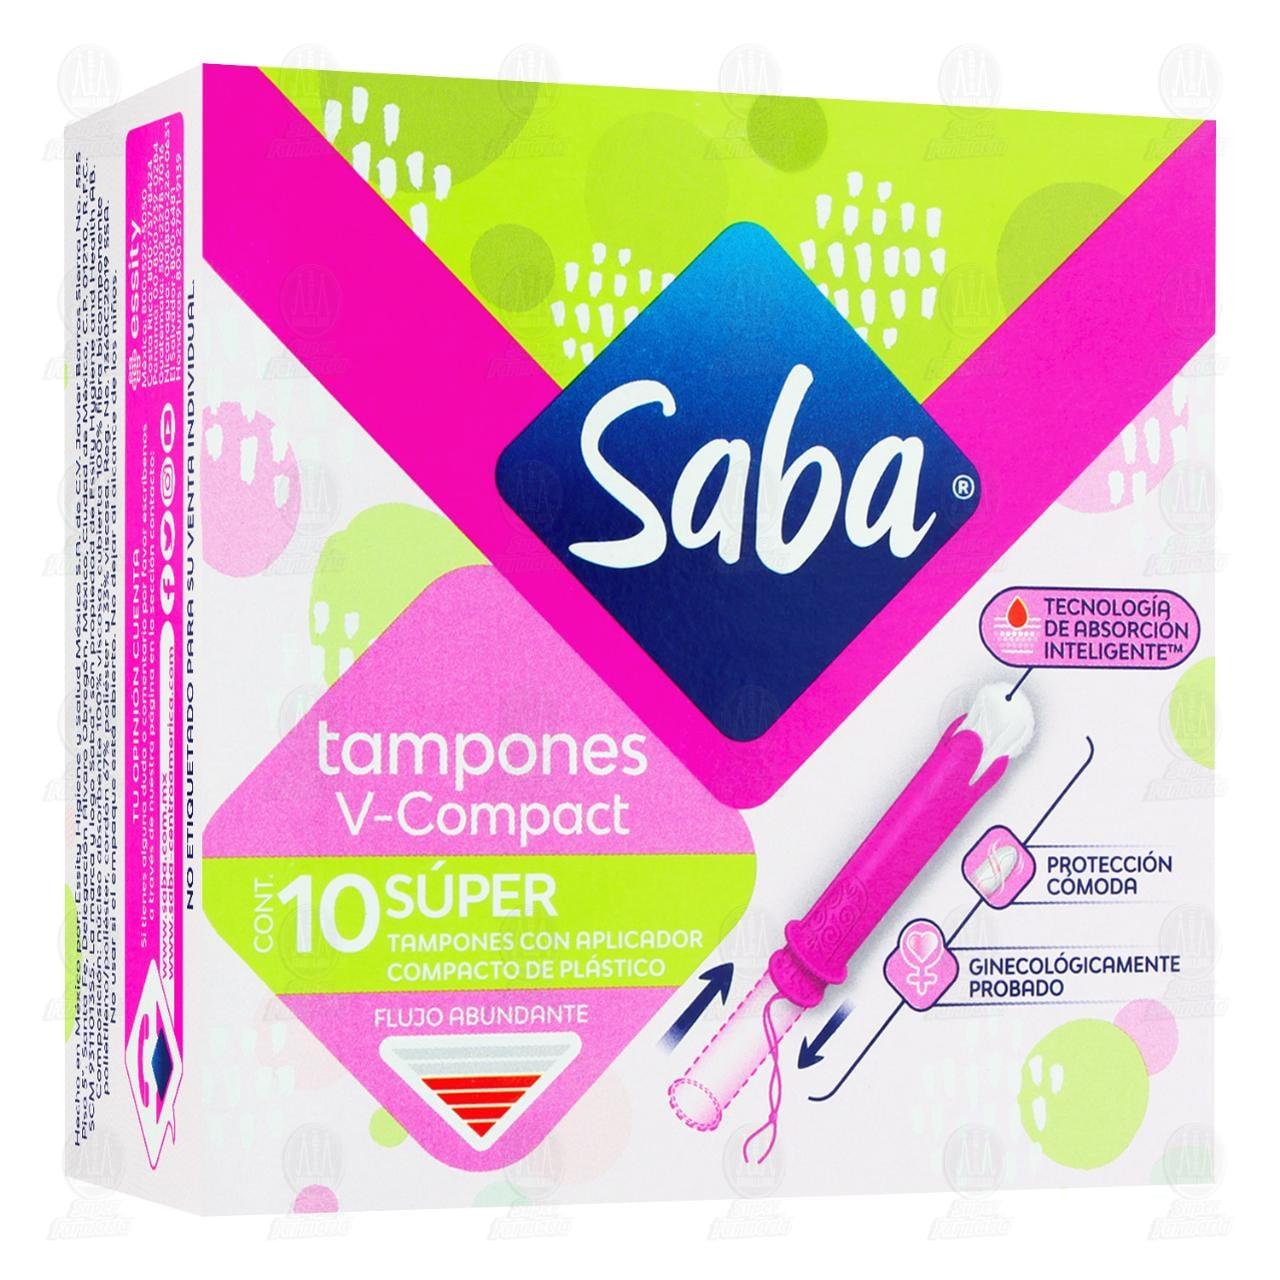 Comprar Tampones Saba Súper con Aplicador Compacto, 10 pzas. en Farmacias Guadalajara